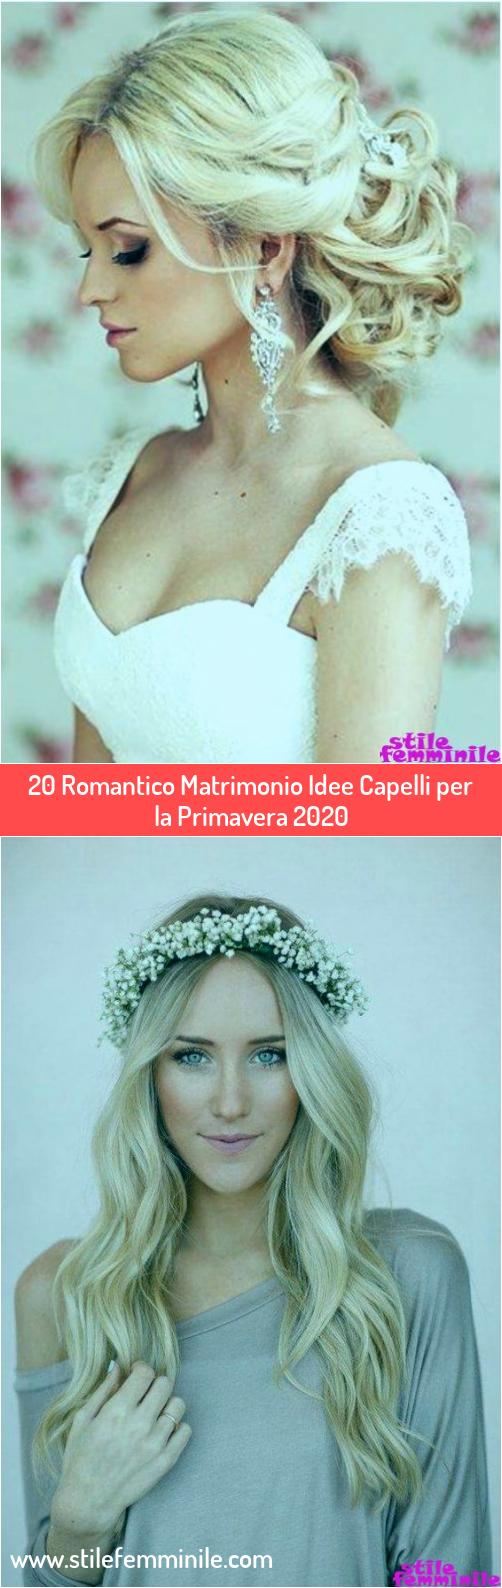 Photo of 20 Romantico Matrimonio Idea Capelli per la Primavera 2020